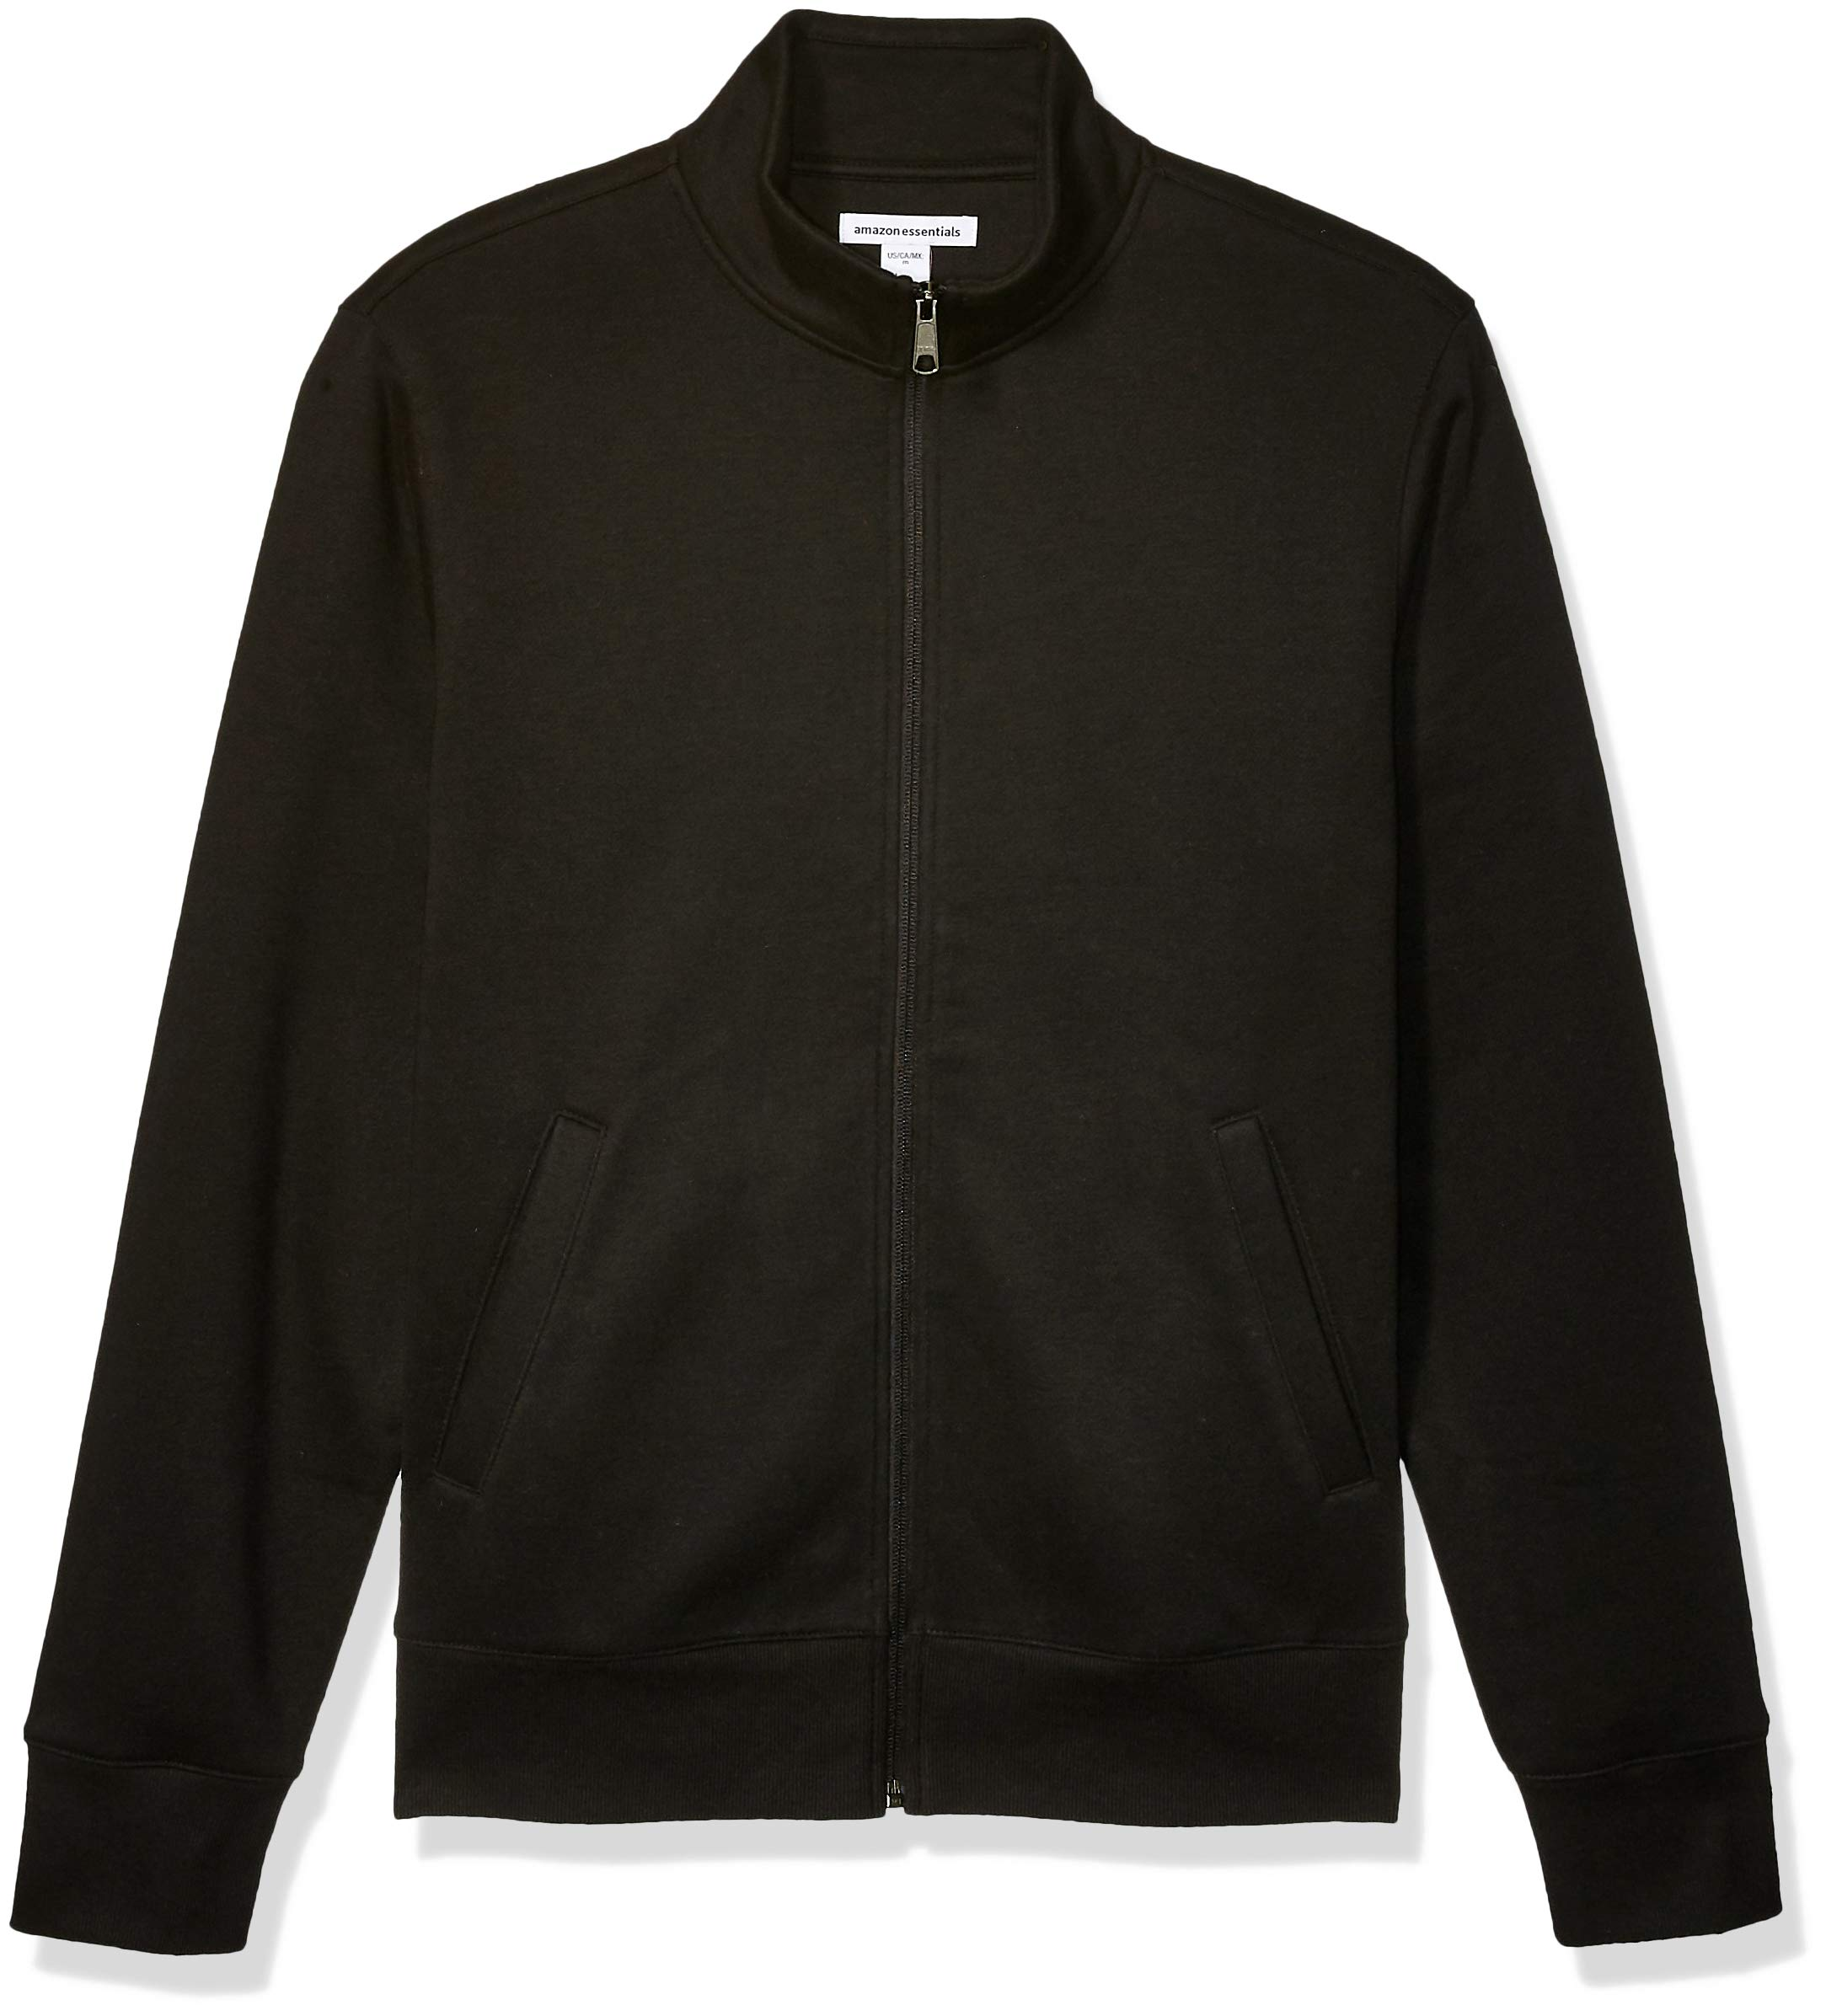 Amazon Essentials Men's Full-Zip Fleece Mock Neck Sweatshirt, Black, X-Large by Amazon Essentials